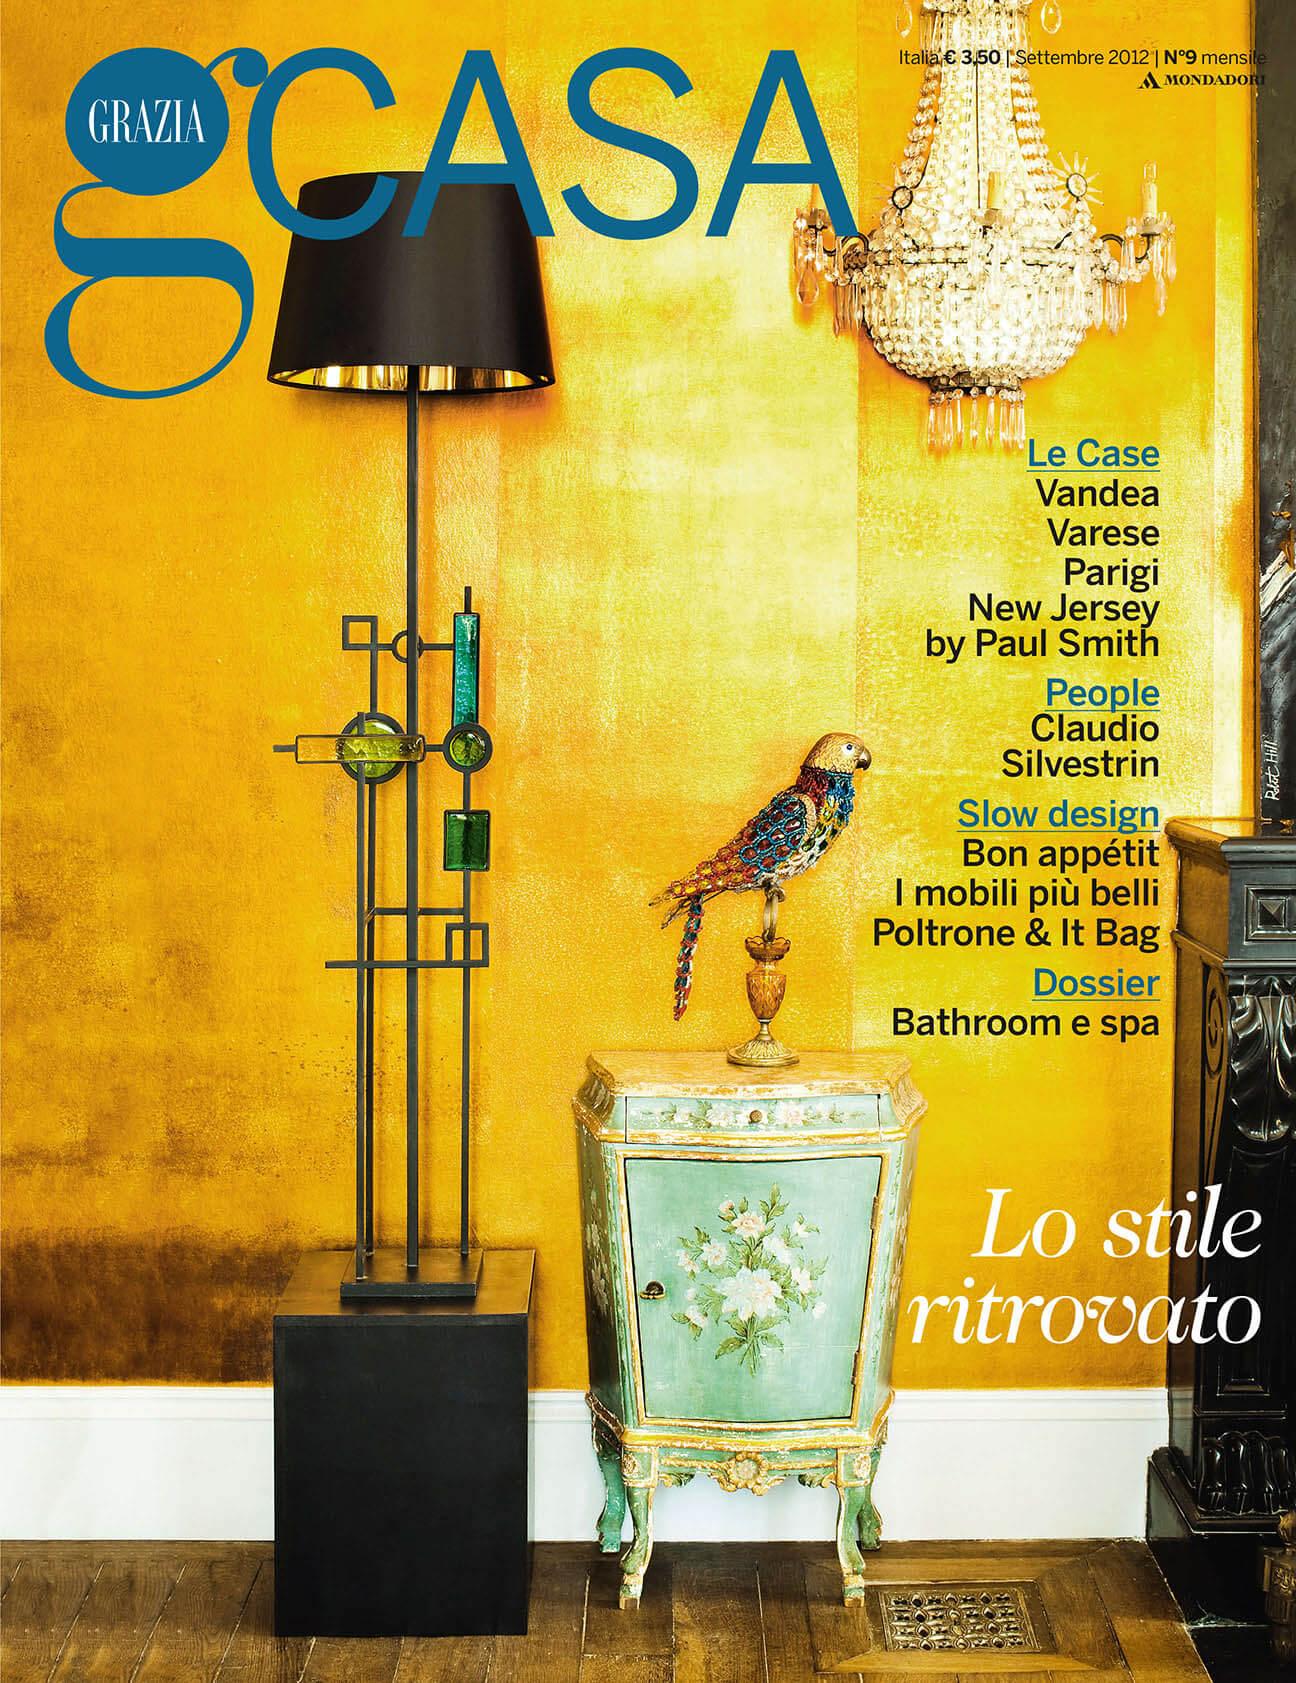 GC_settembre2012_cover.jpg